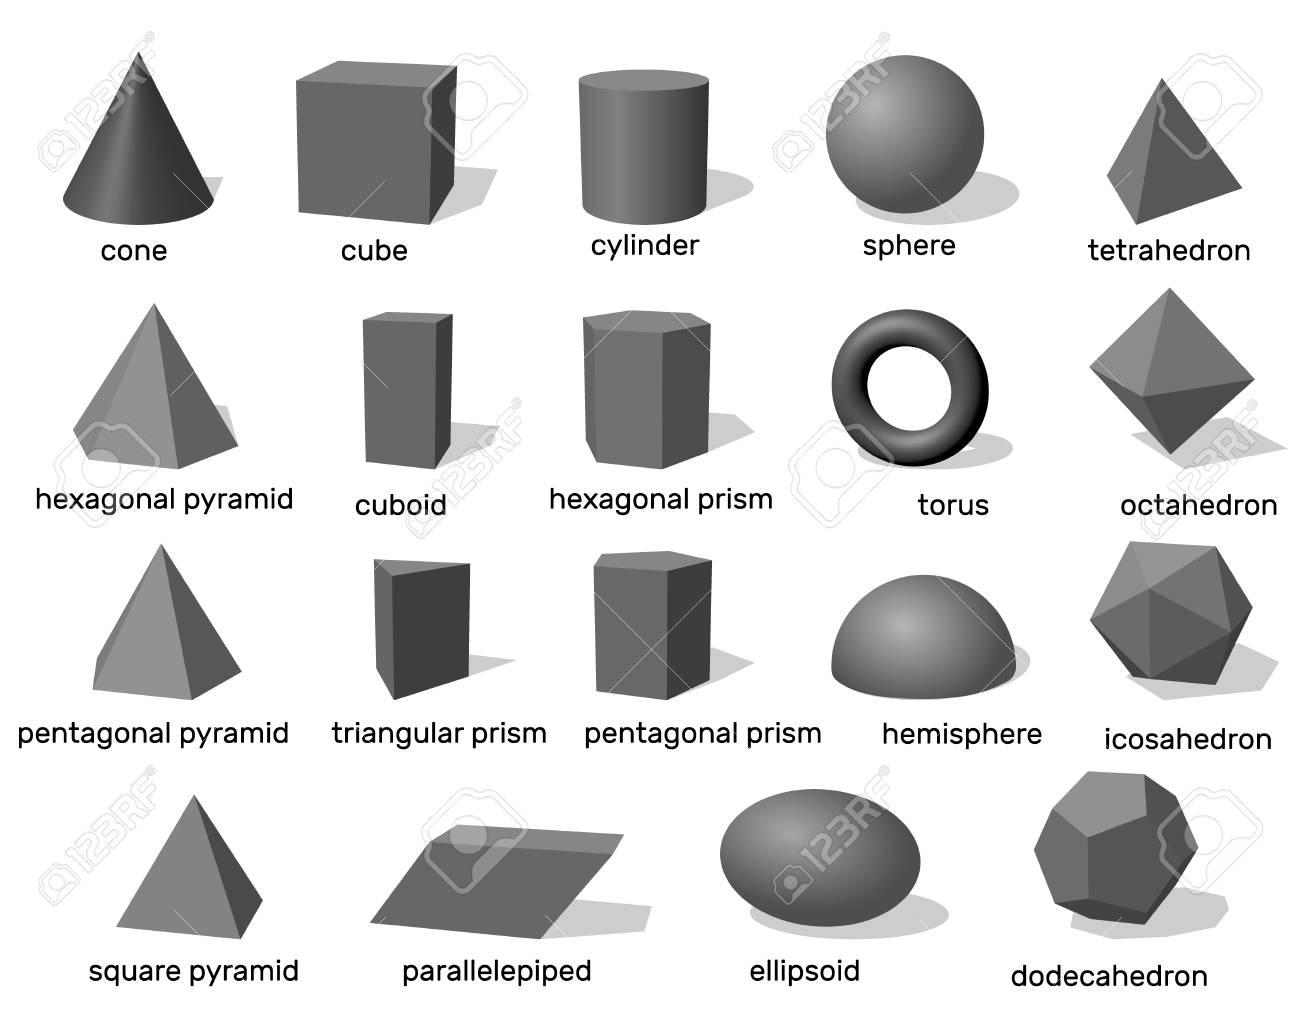 Grundlegende Geometrische Formen 3d Getrennt Auf Weißem Hintergrund Vektorabbildung Lizenzfrei Nutzbare Vektorgrafiken Clip Arts Illustrationen Image 87163421